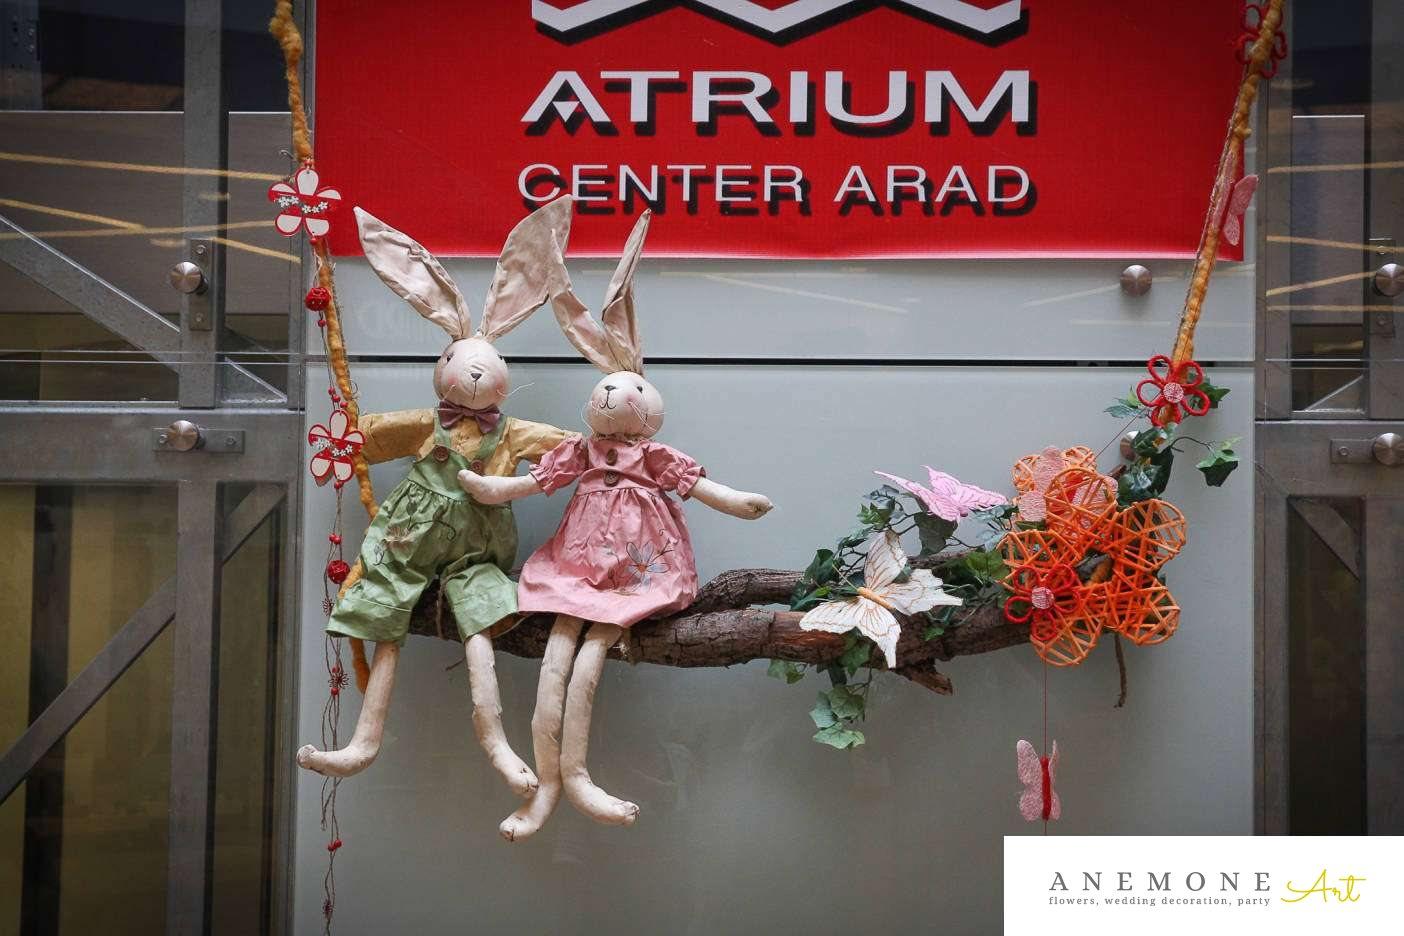 Poza, foto cu Flori de nunta atrium mall, decor tematic in Arad, Timisoara, Oradea (wedding flowers, bouquets) nunta Arad, Timisoara, Oradea